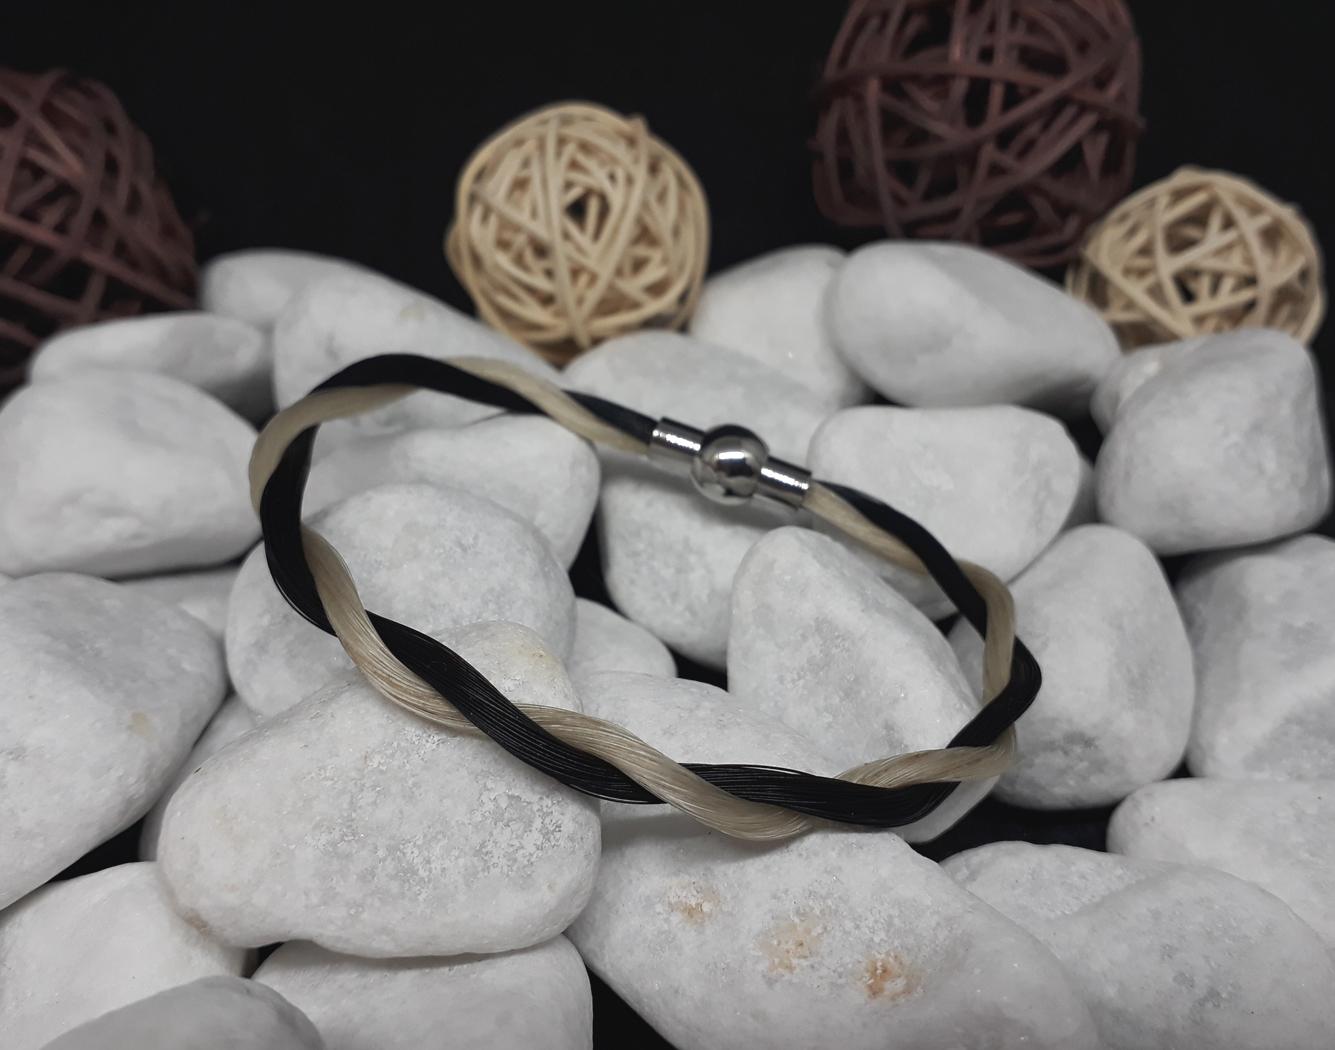 K-schwarz-weiß: Zur Kordel gedrehtes Armband mit schwarzem und weißem Pferdehaar, mit Edelstahl-Magnetverschluss (oval) - Preis: 29 Euro